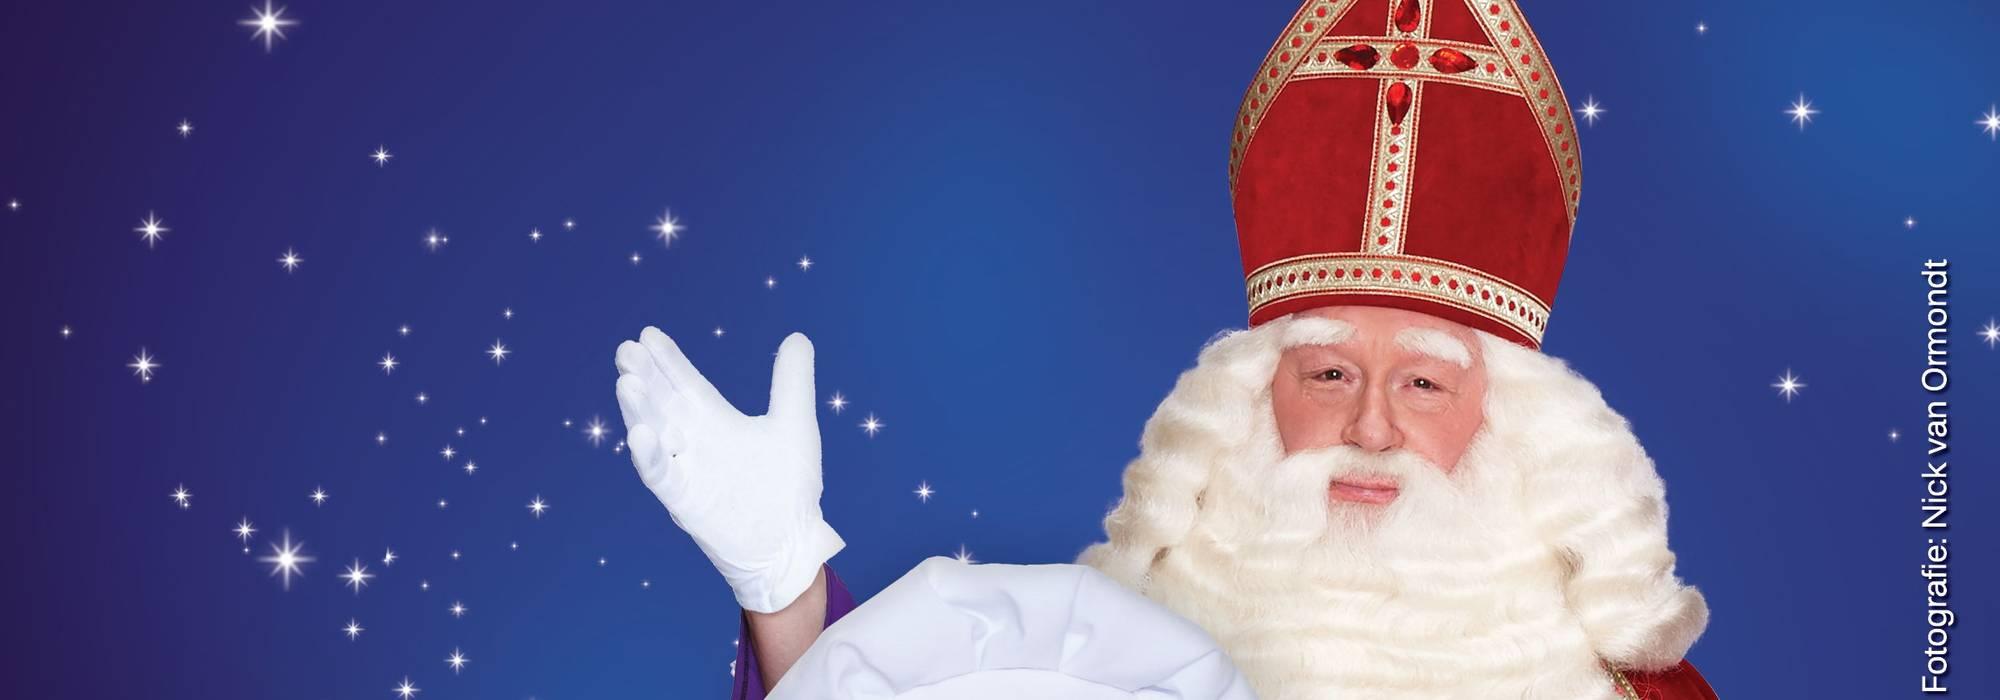 Sinterklaas Kleurplaten Actie.Kleurplaat Actie Het Cadeau Voor Sinterklaas Theater Aan De Schie